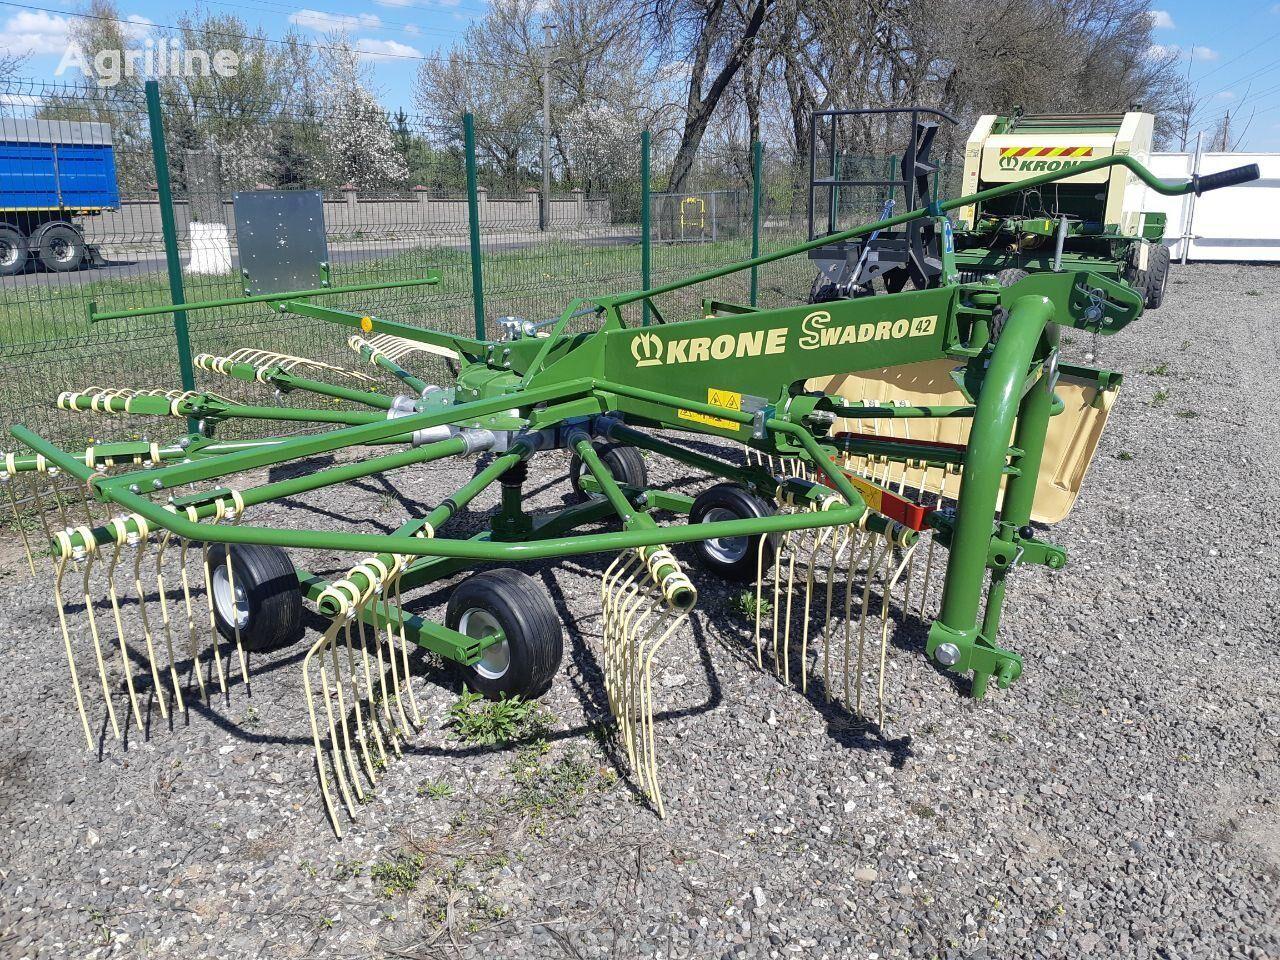 new KRONE Swadro 42 hay rake